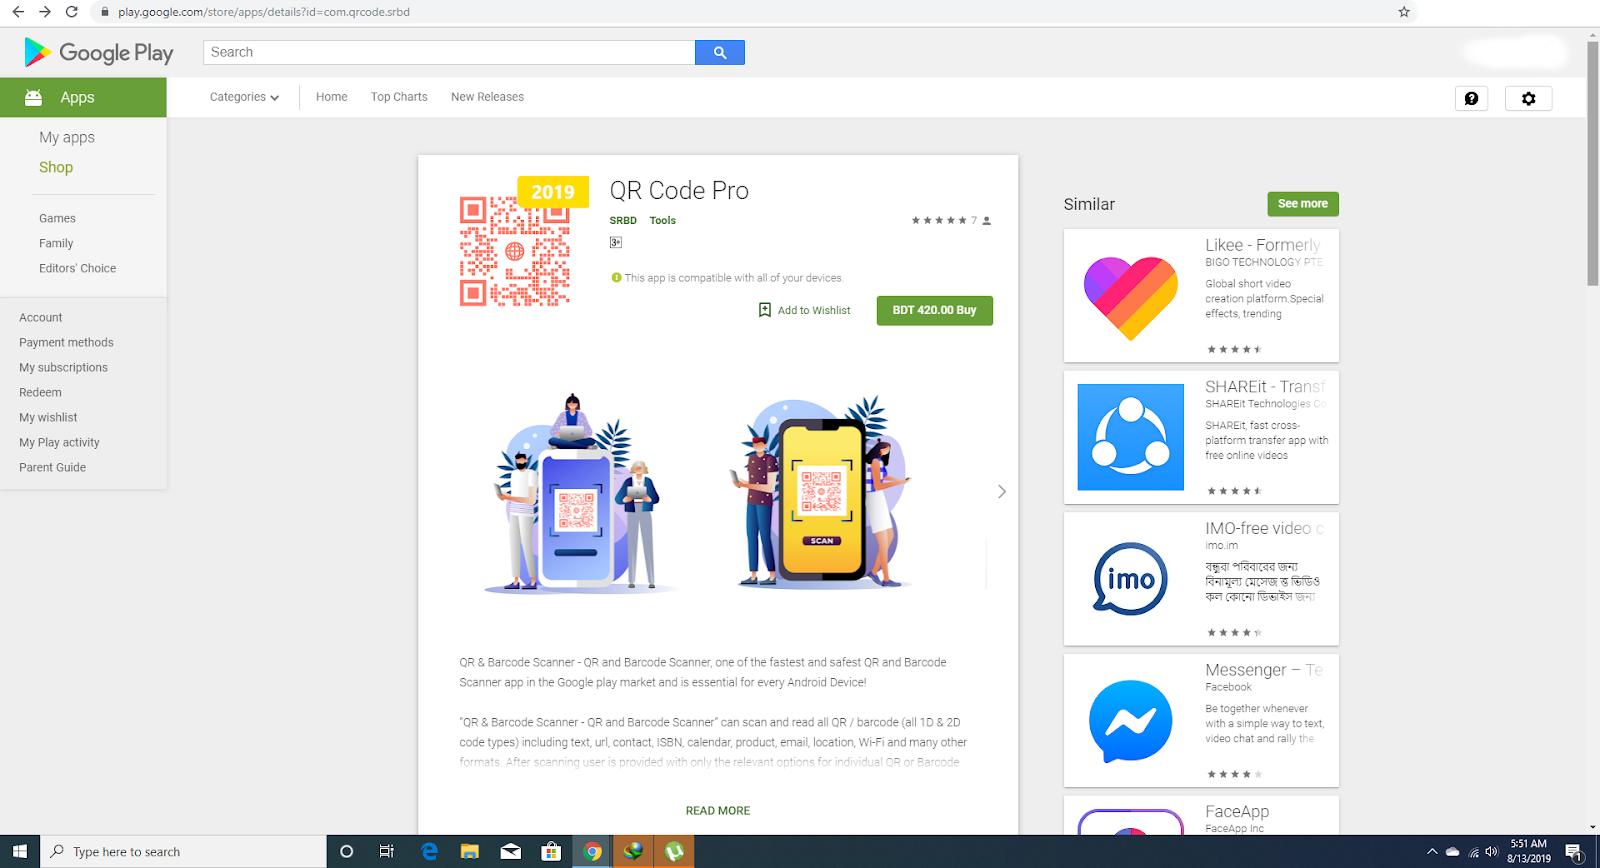 Best Qr Code Pro App - Top Pro Qr Code App - Facebook Audience Network